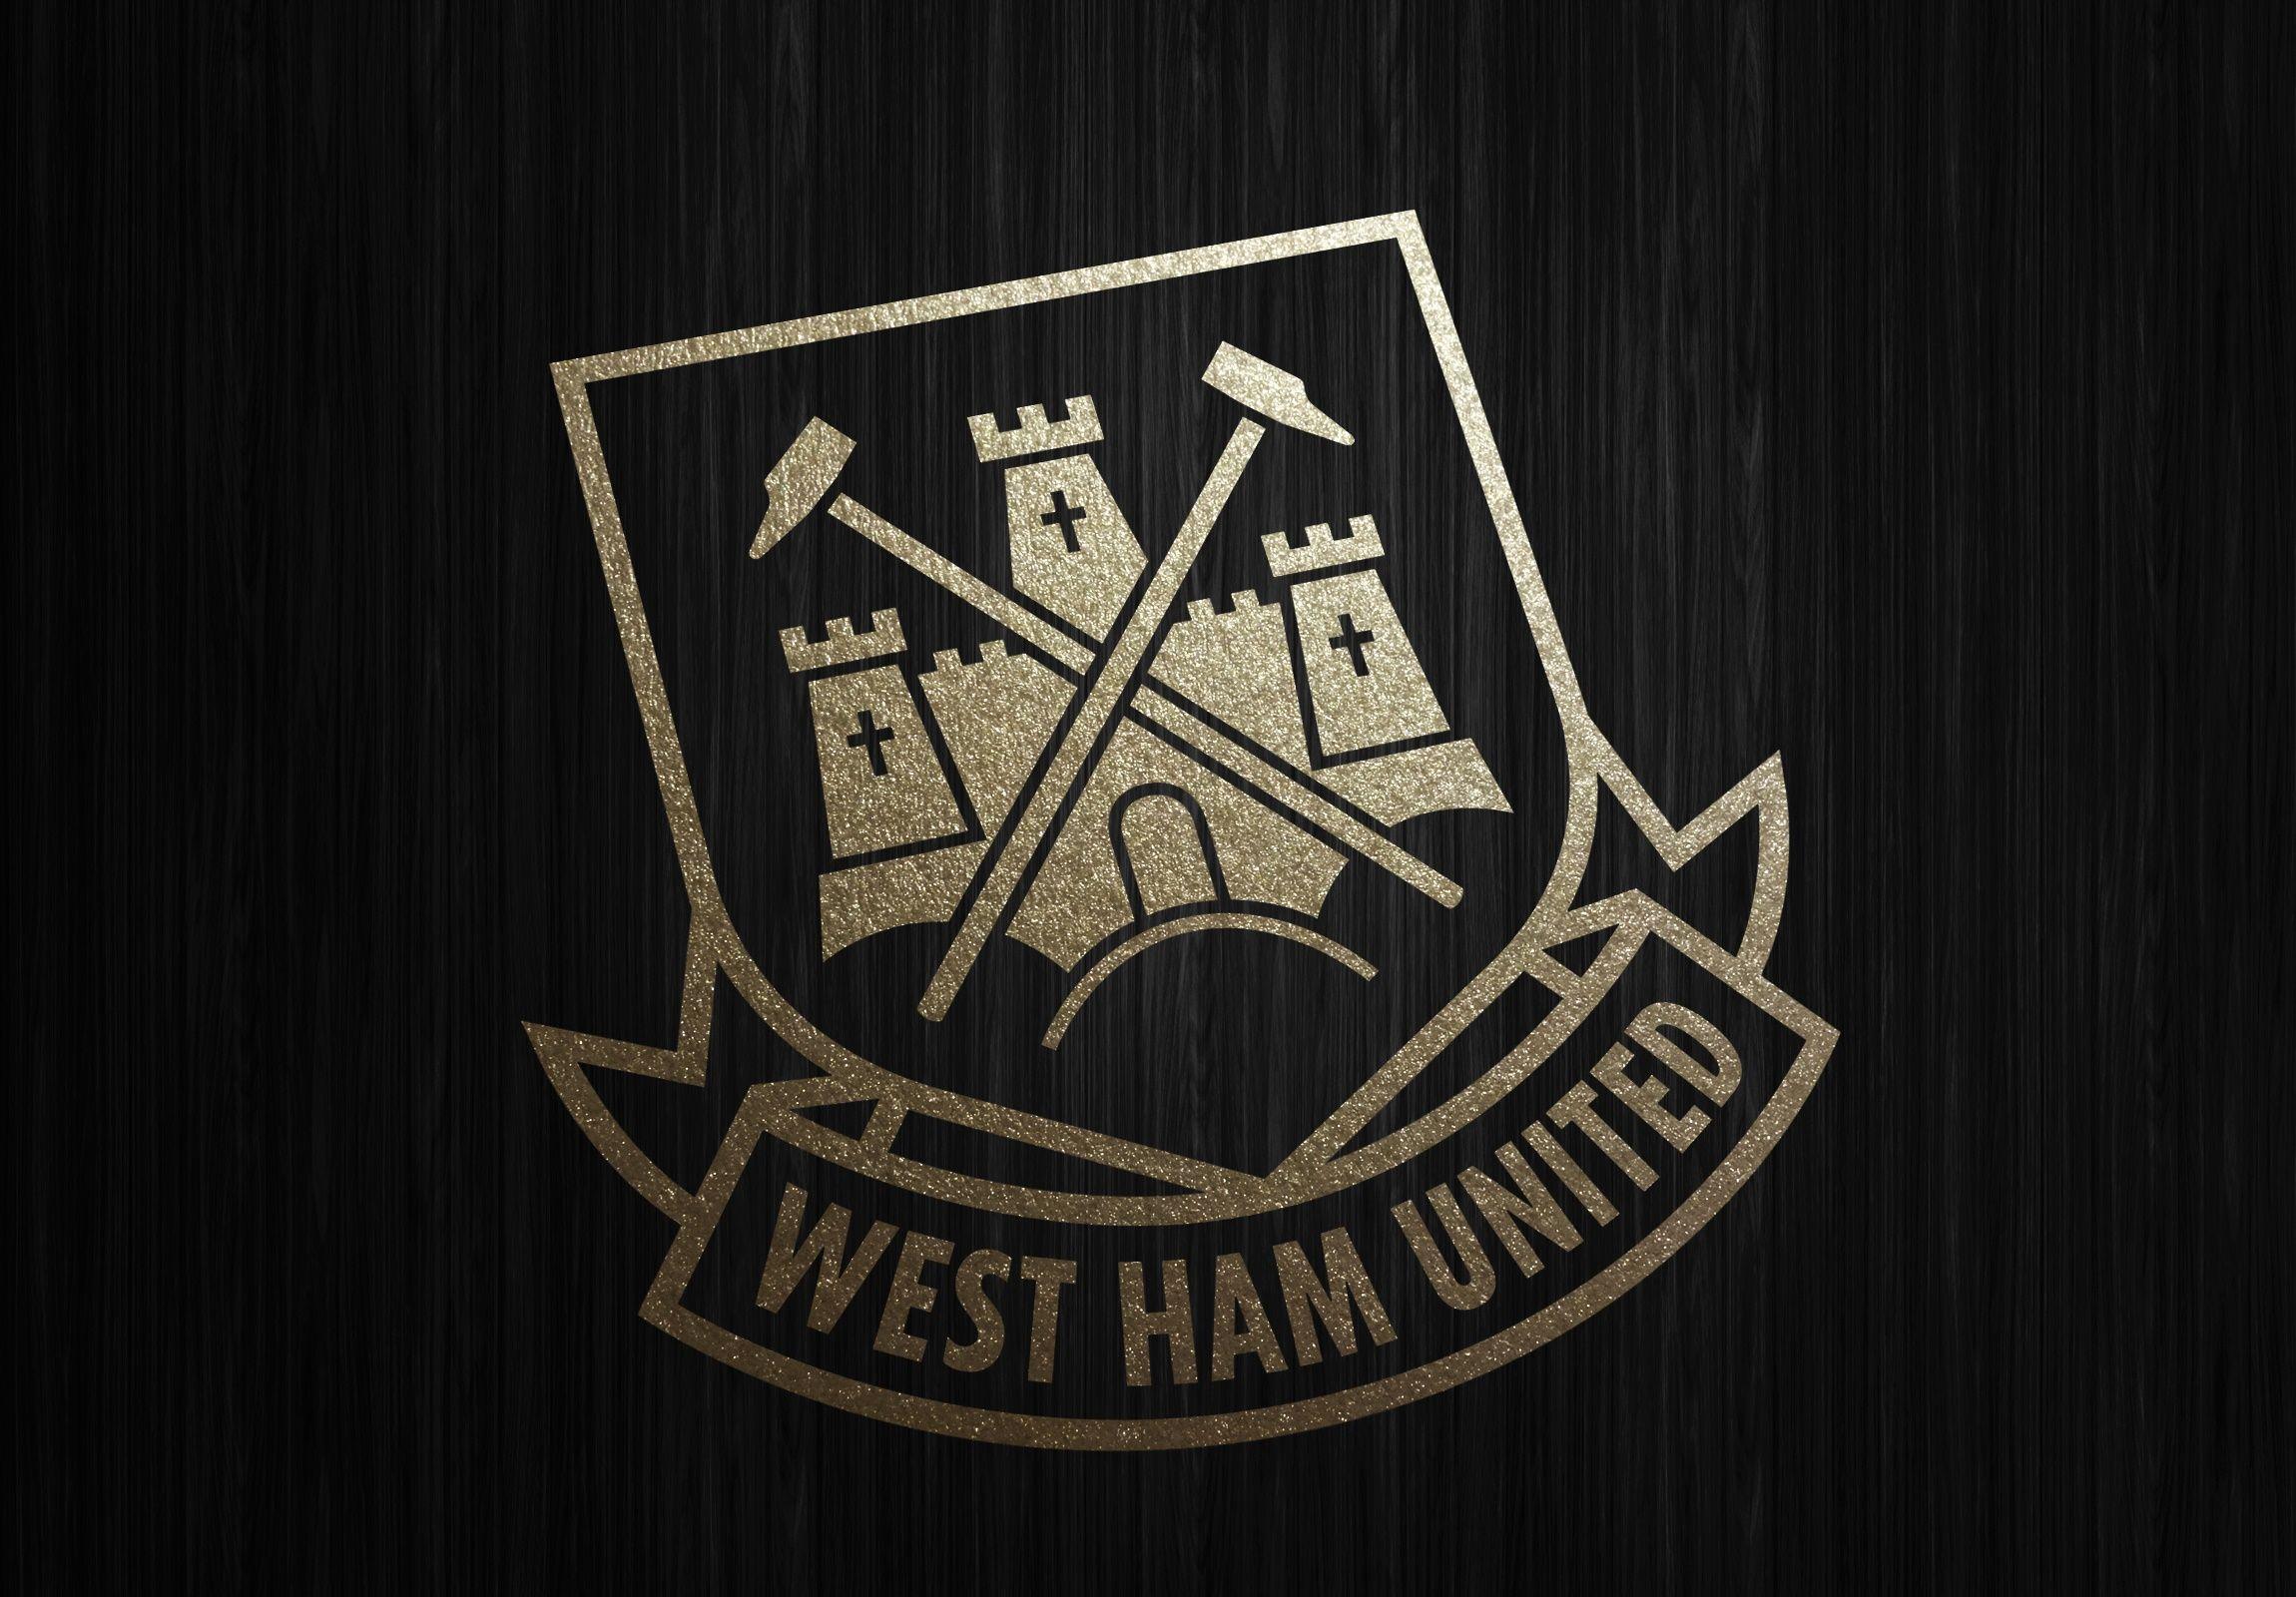 West Ham Gold Wallpaper Hd West Ham West Ham Wallpaper Gold Wallpaper Hd